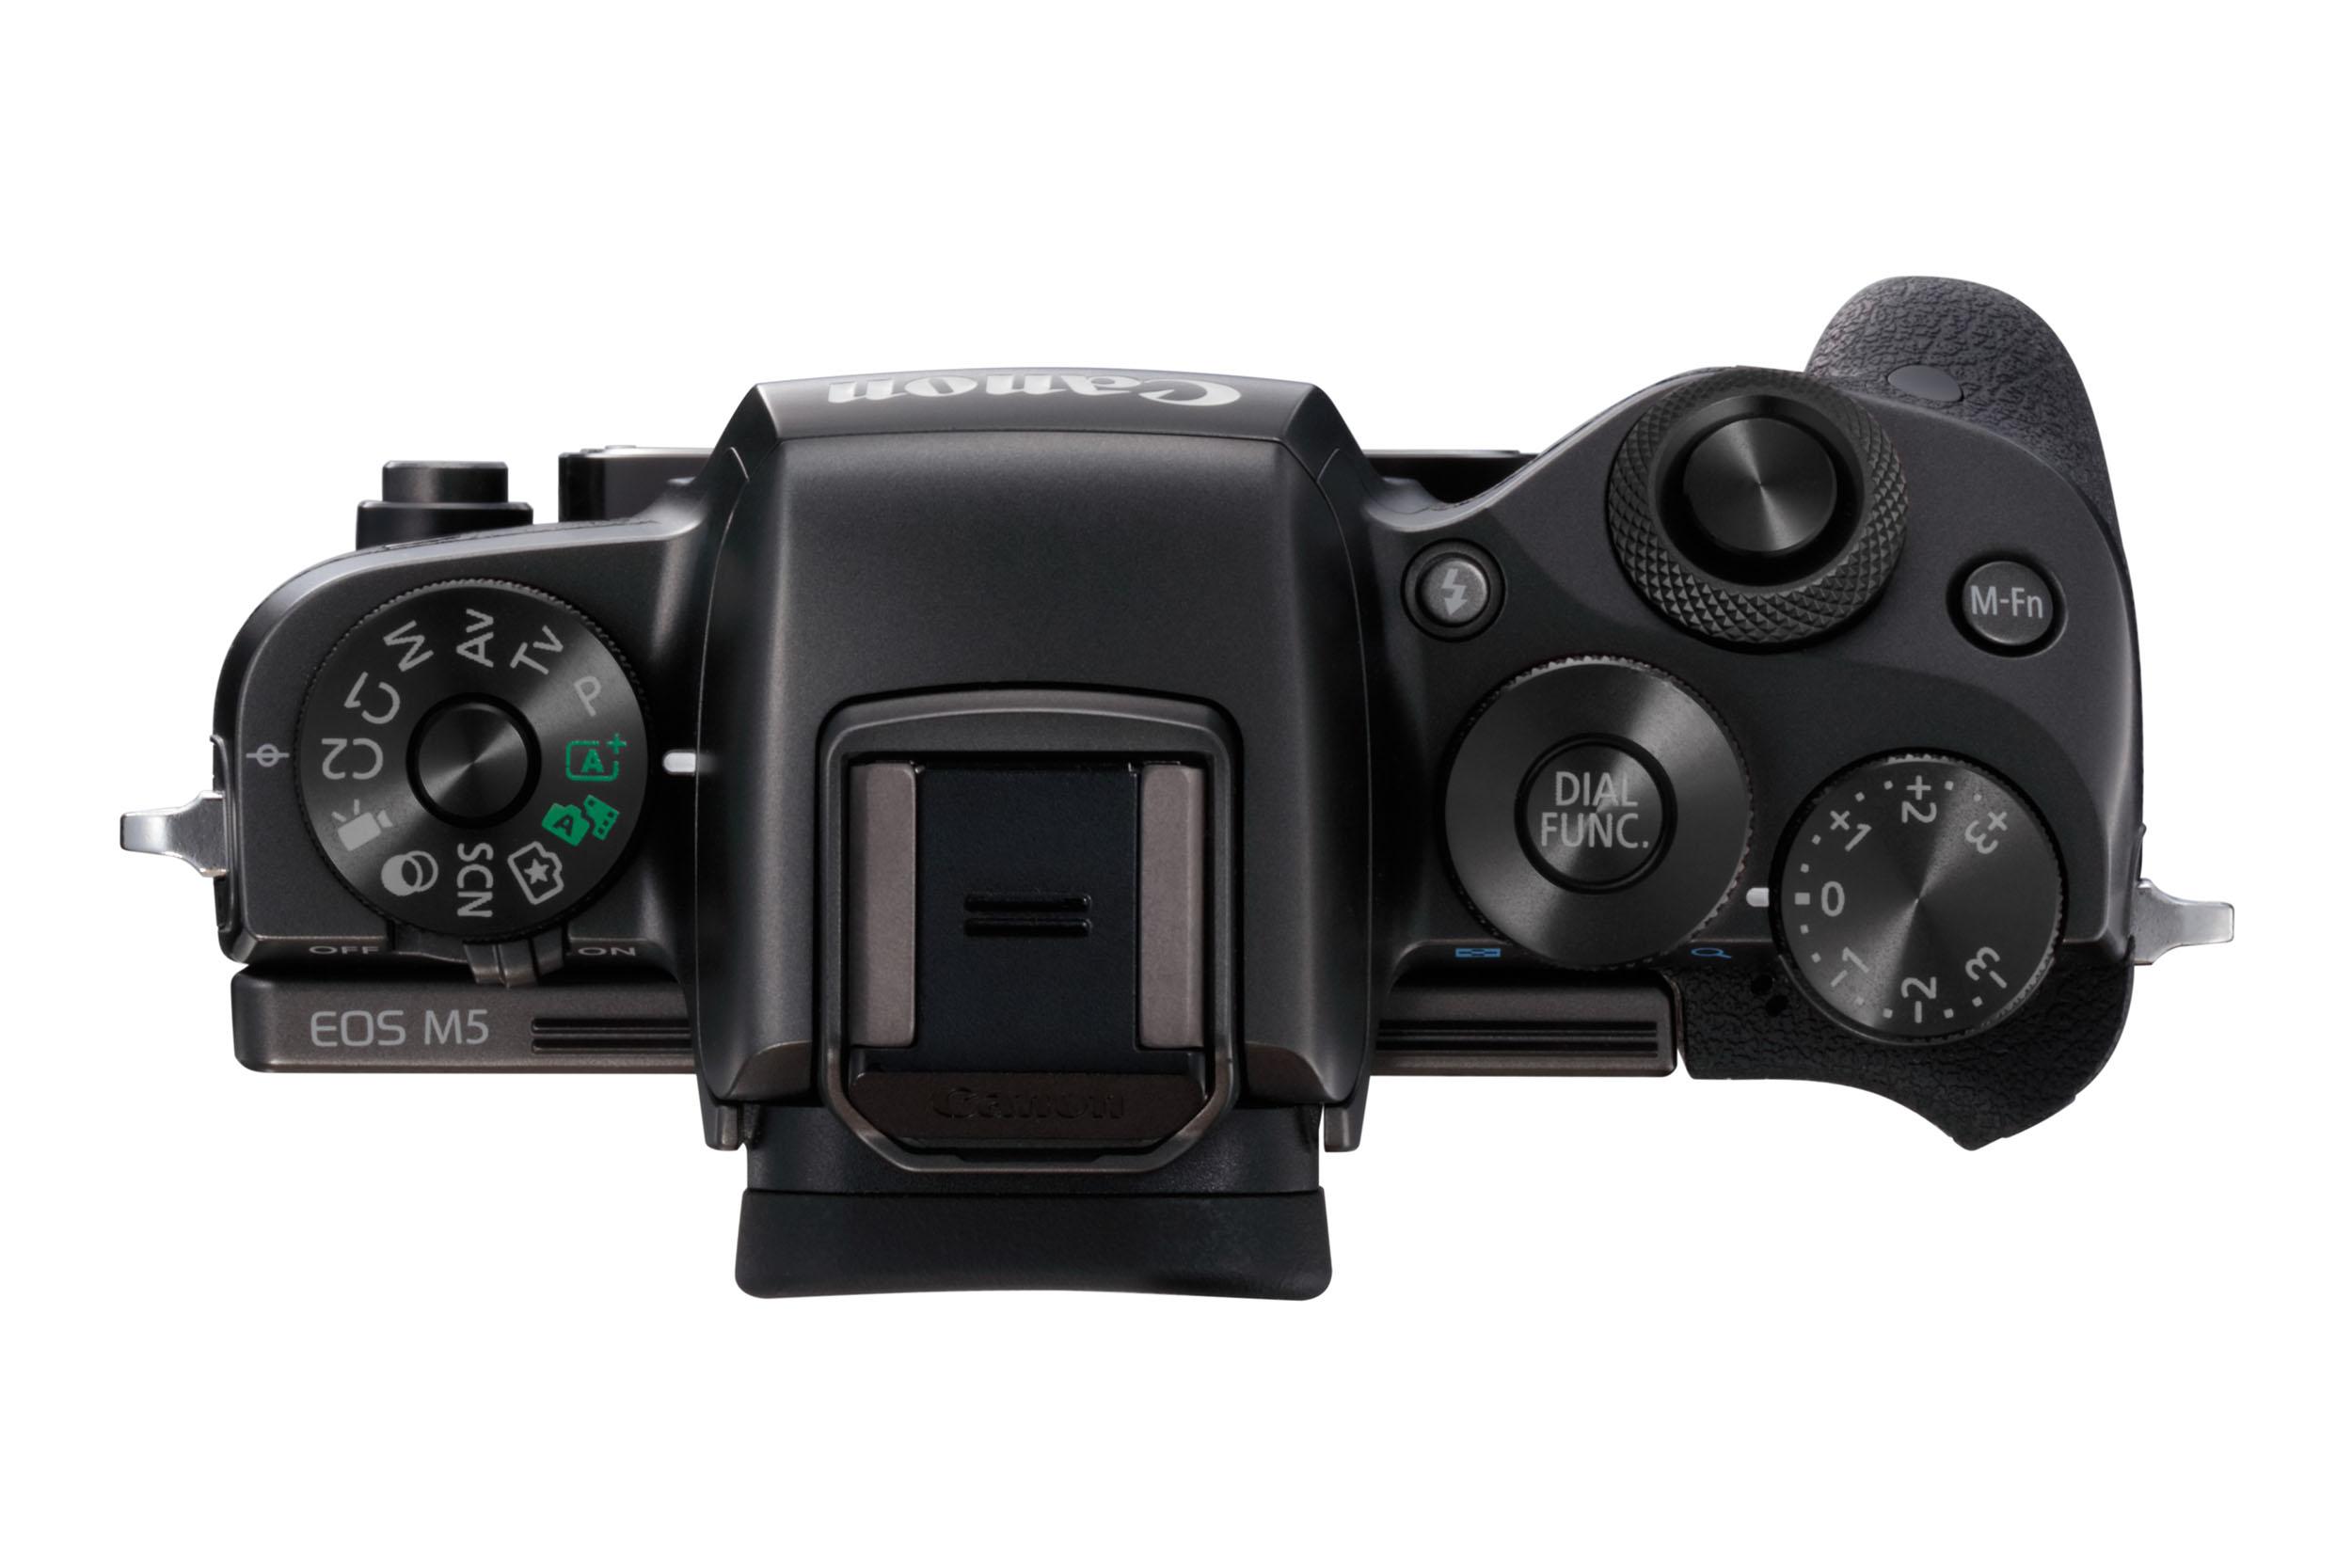 Canon stellt neue spiegellose Kamera EOS M5 vor | News | MacTechNews.de